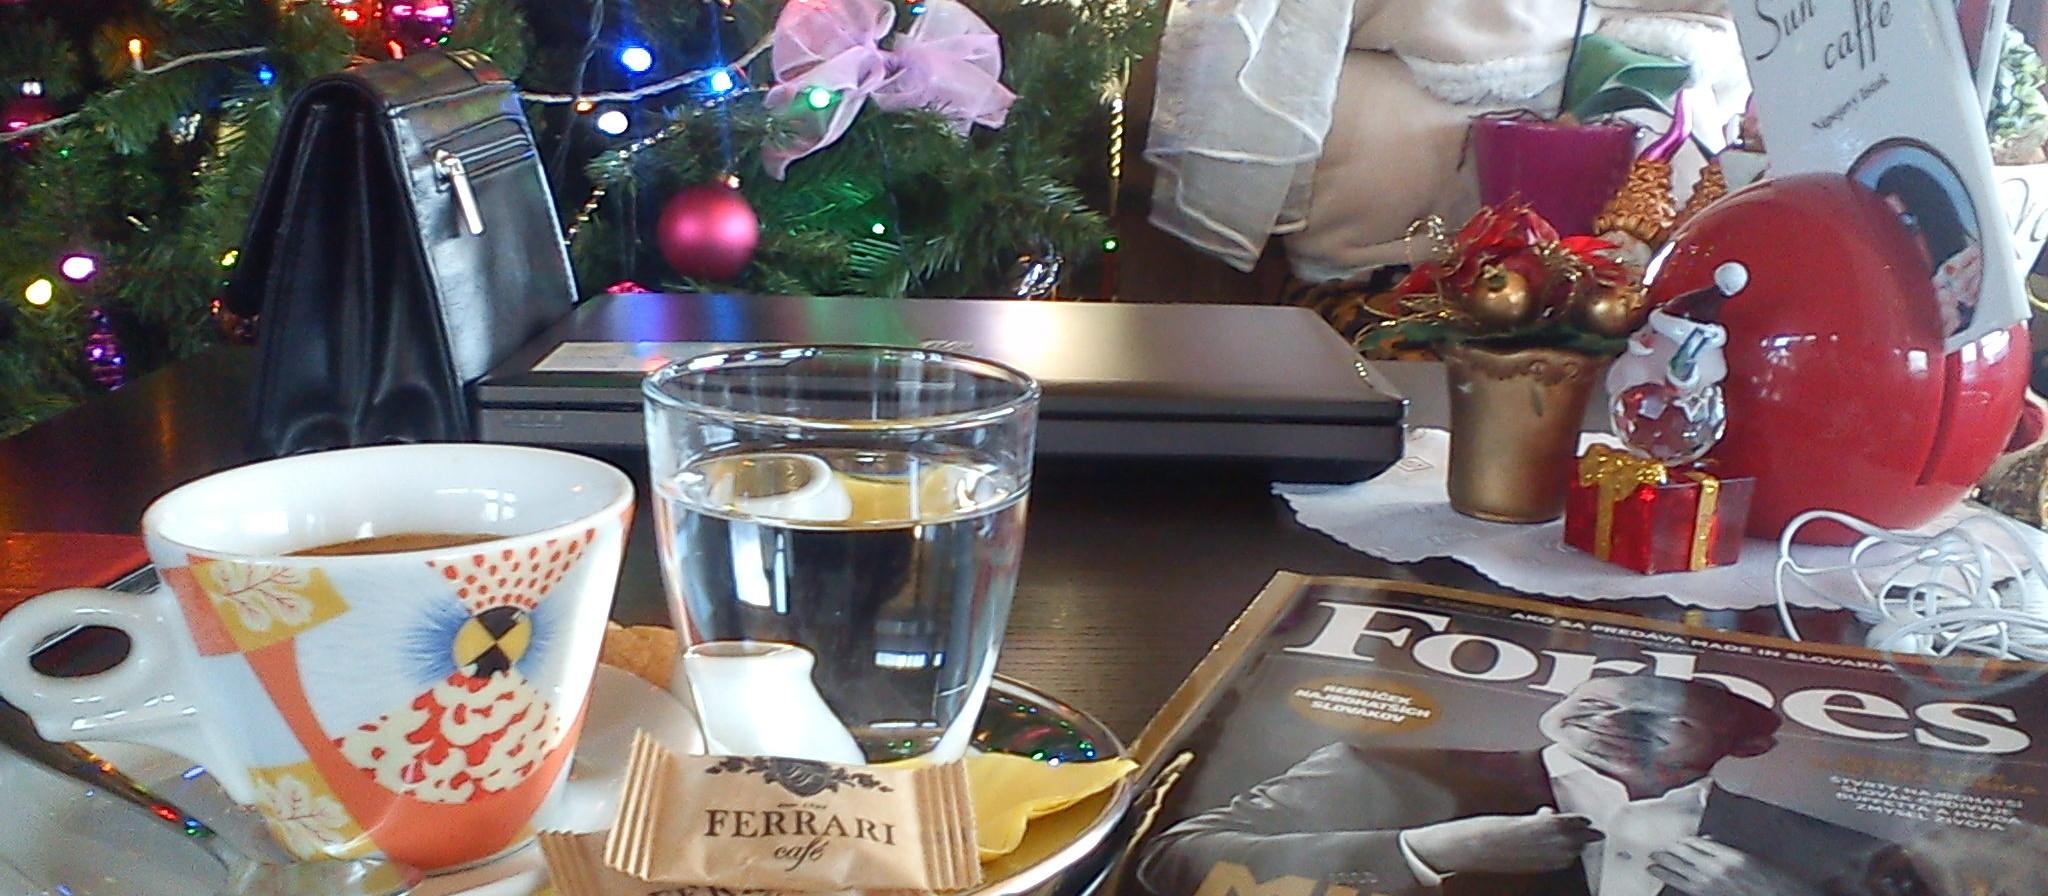 Najlepšie kaviarne a kávy, ktoré som našiel v Banskej Bystrici